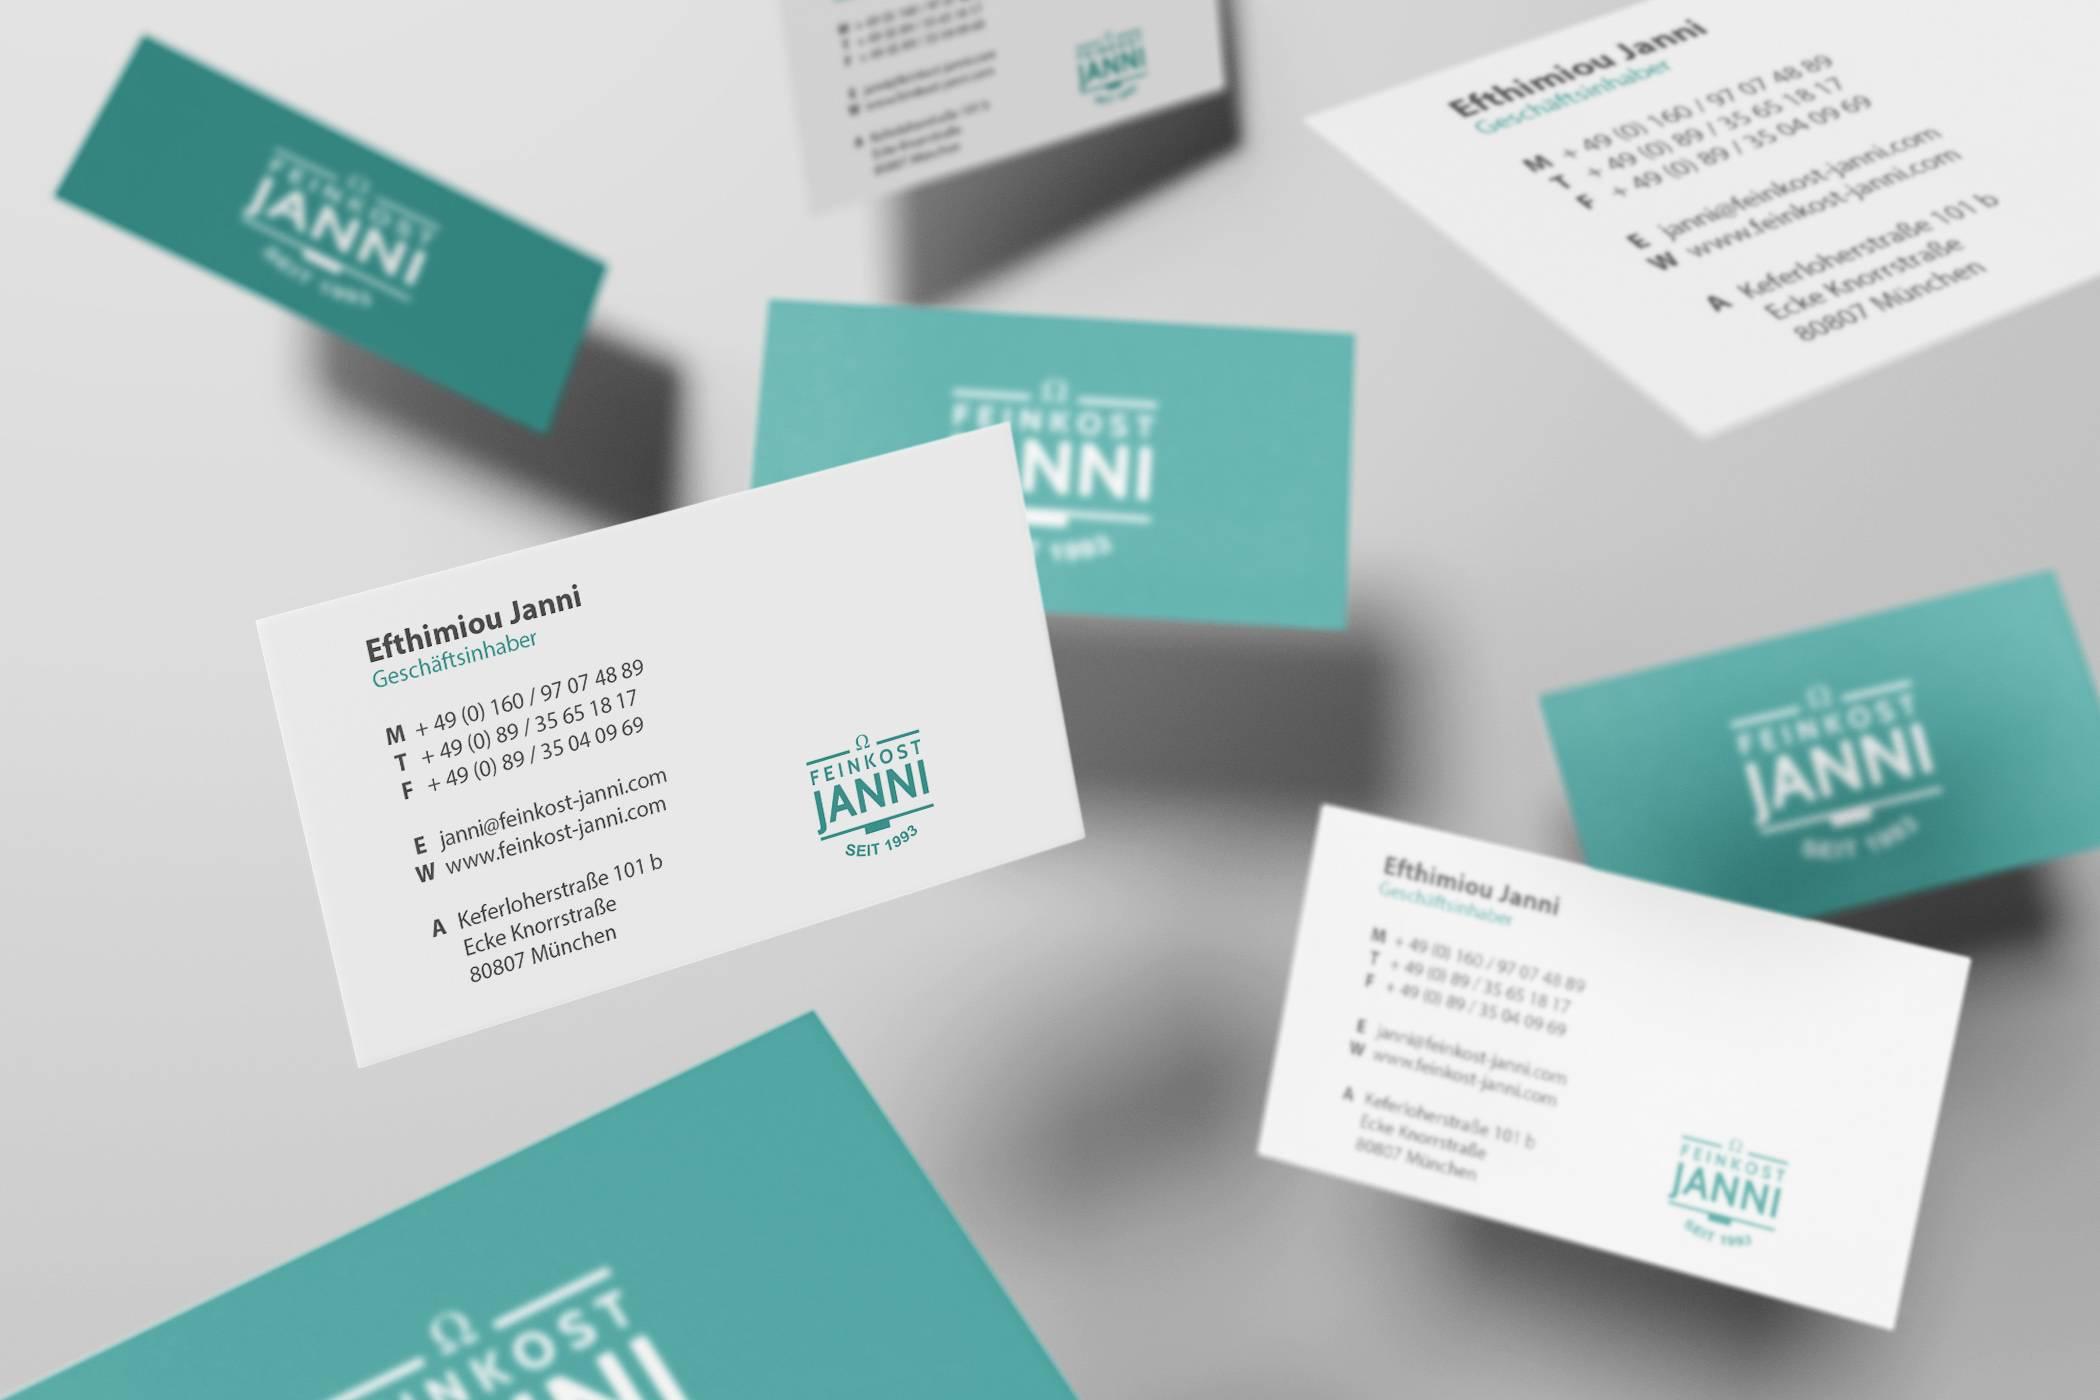 Werbeagentur Produktdesign Werbedesign Desativ